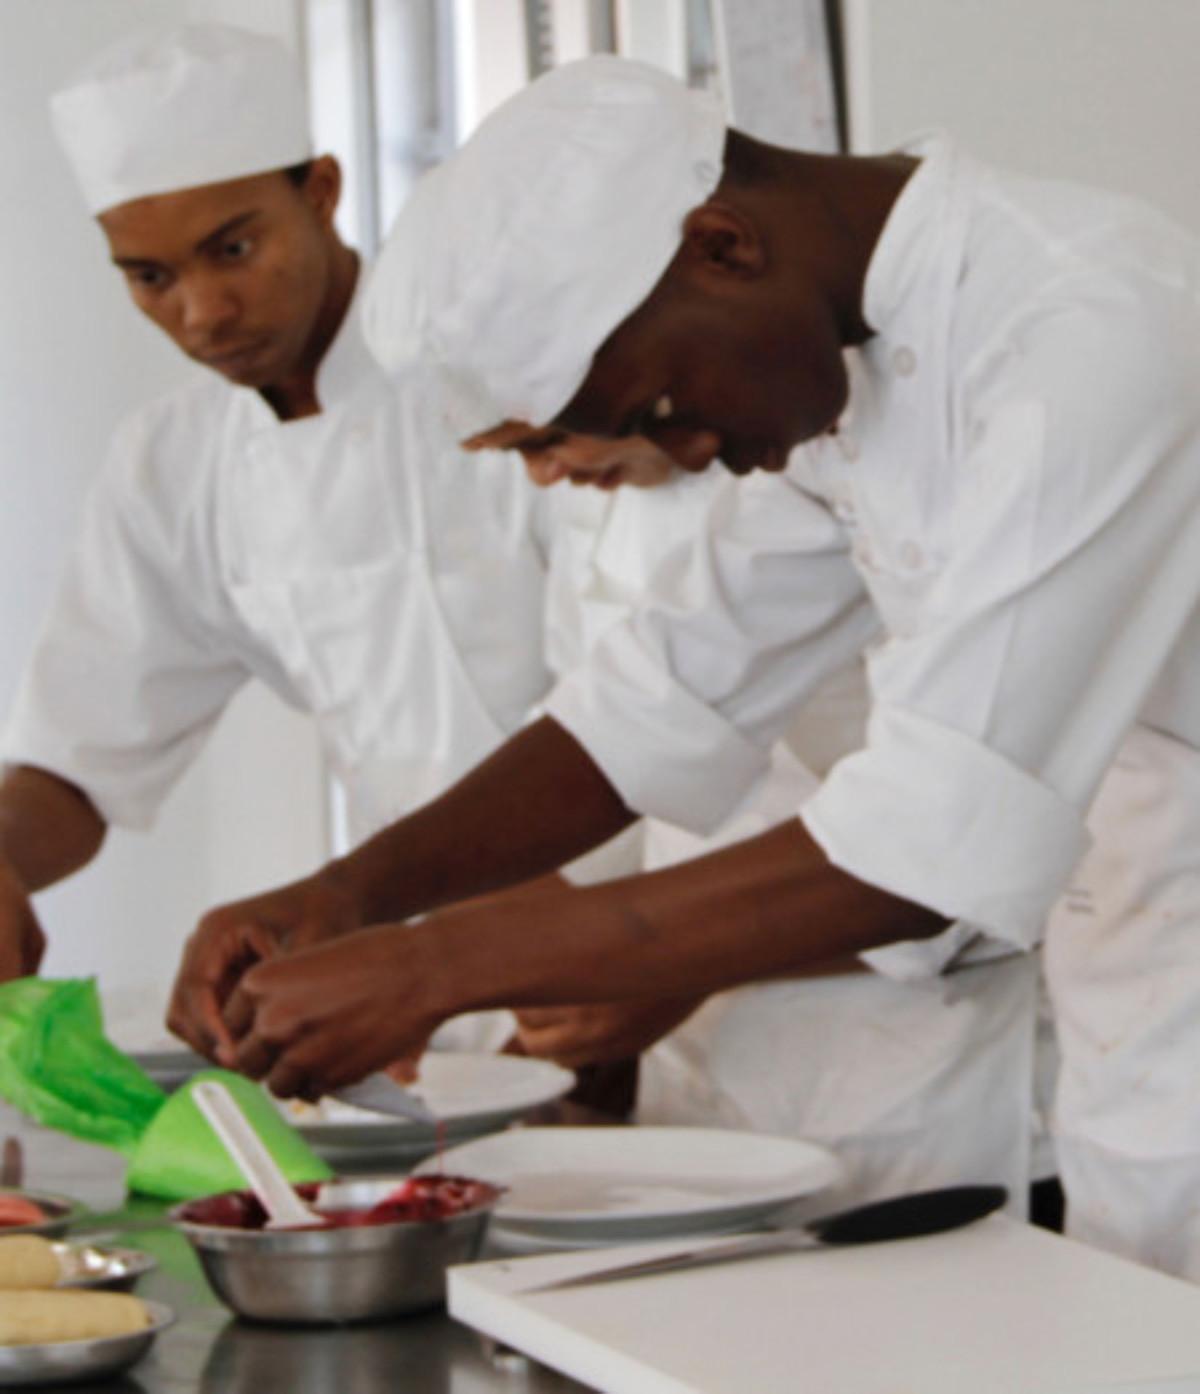 Cooking School Port Elizabeth